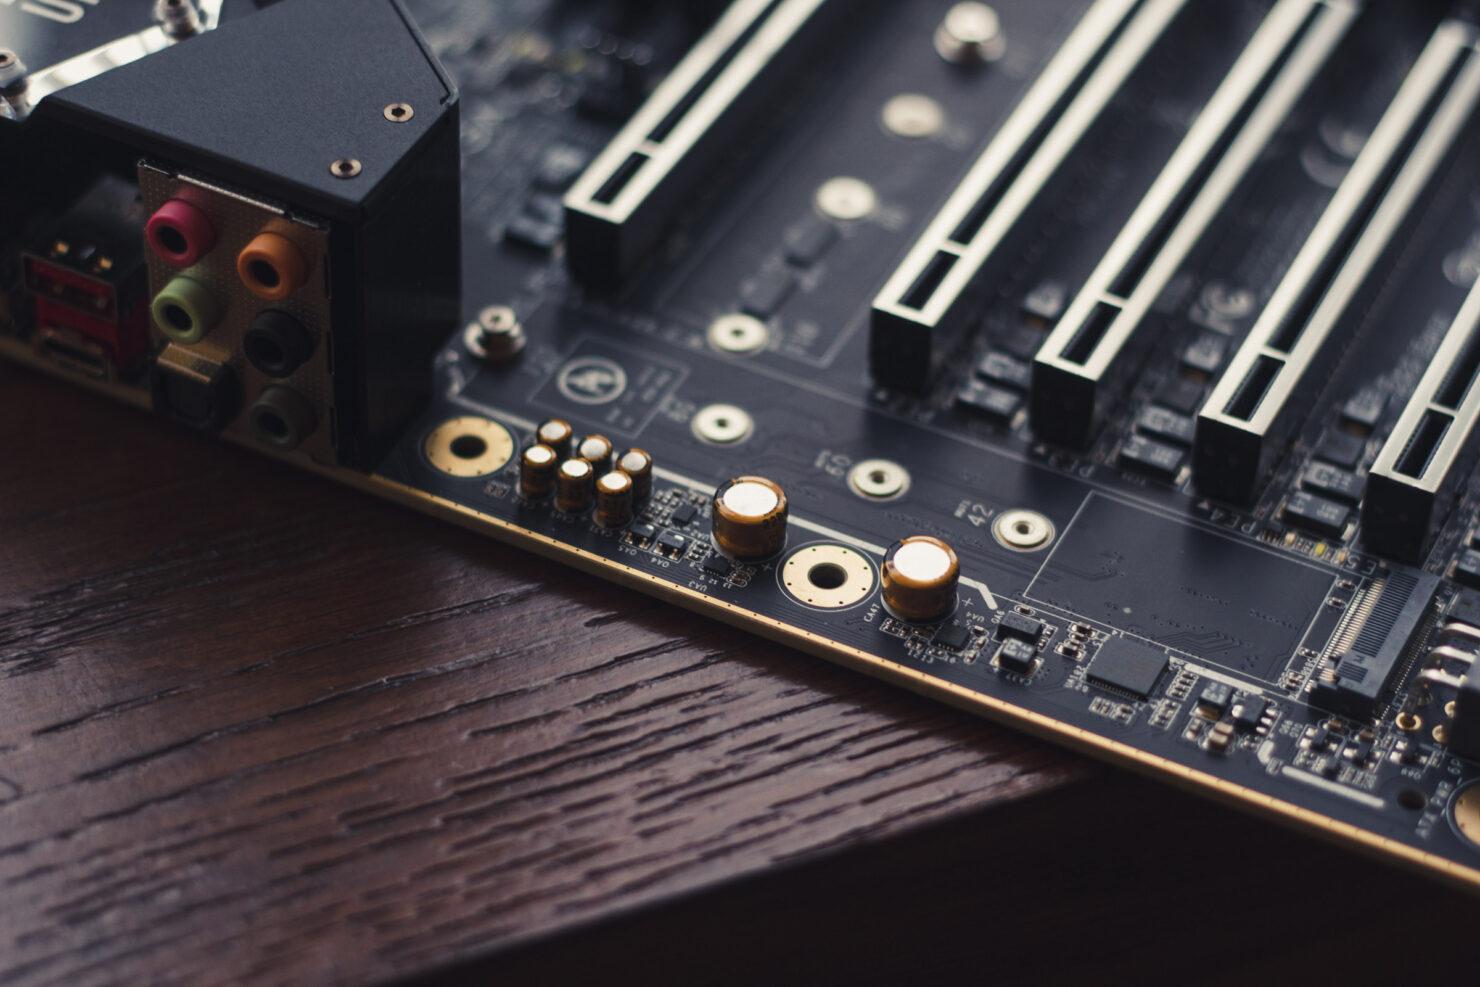 img_2399-evga-dark-sr-3-motherboard